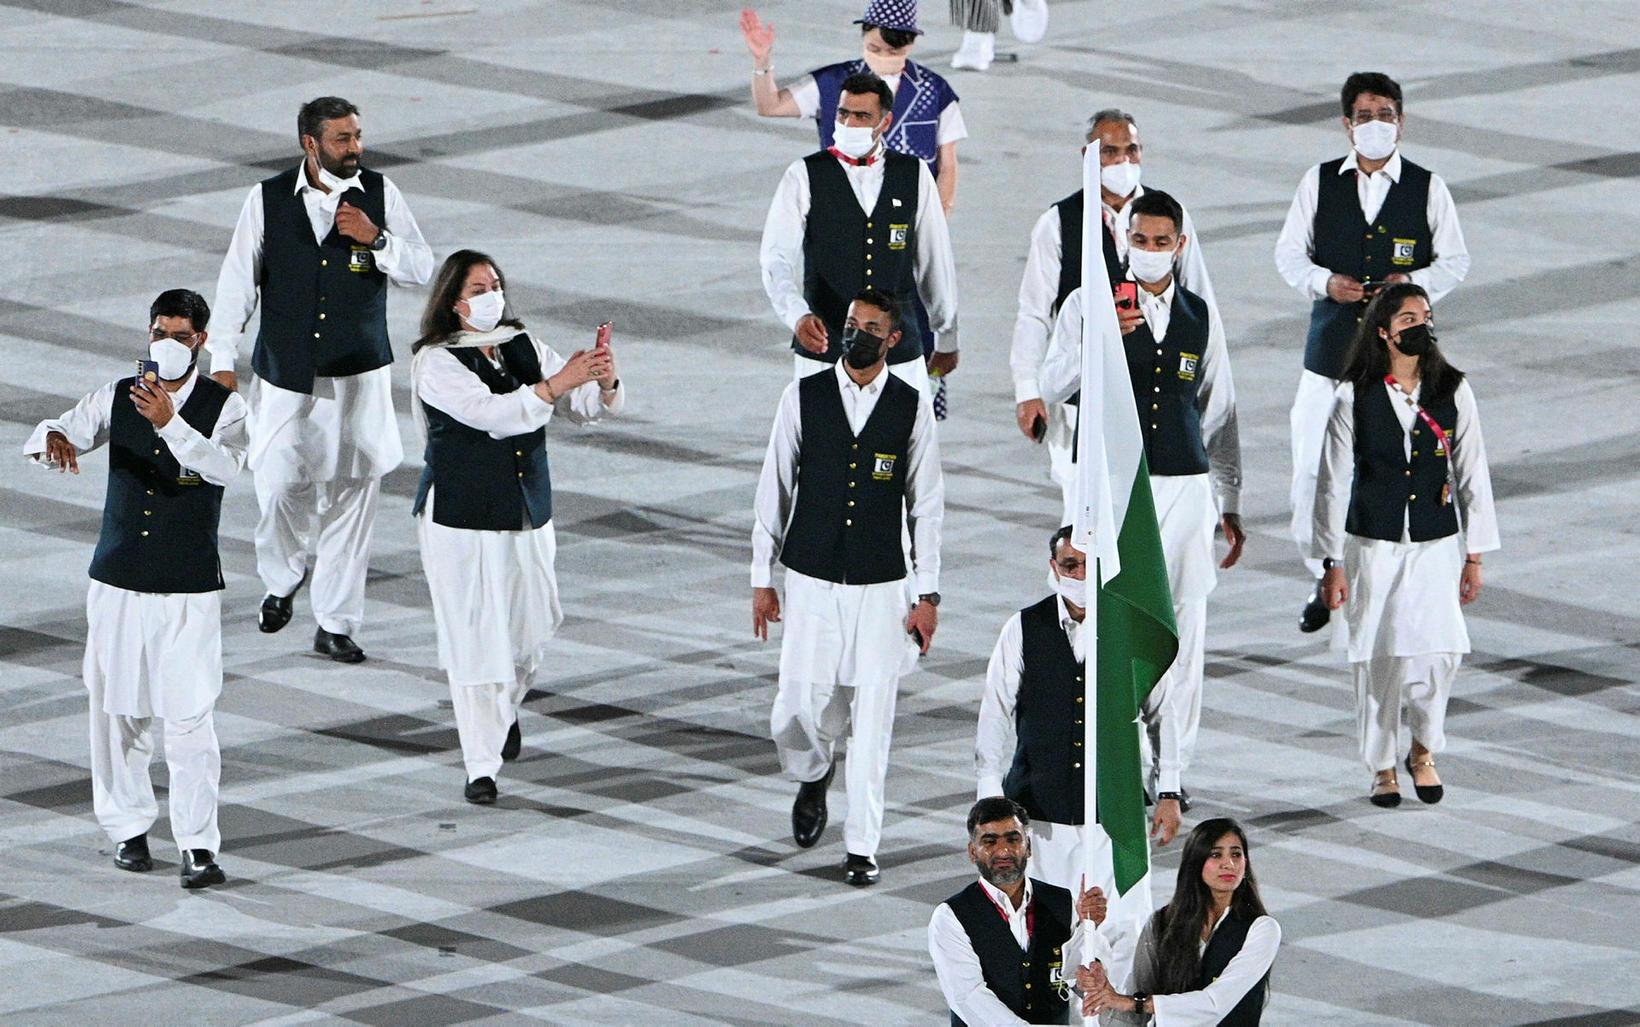 Fánaberar Pakistan voru ekki með grímur.